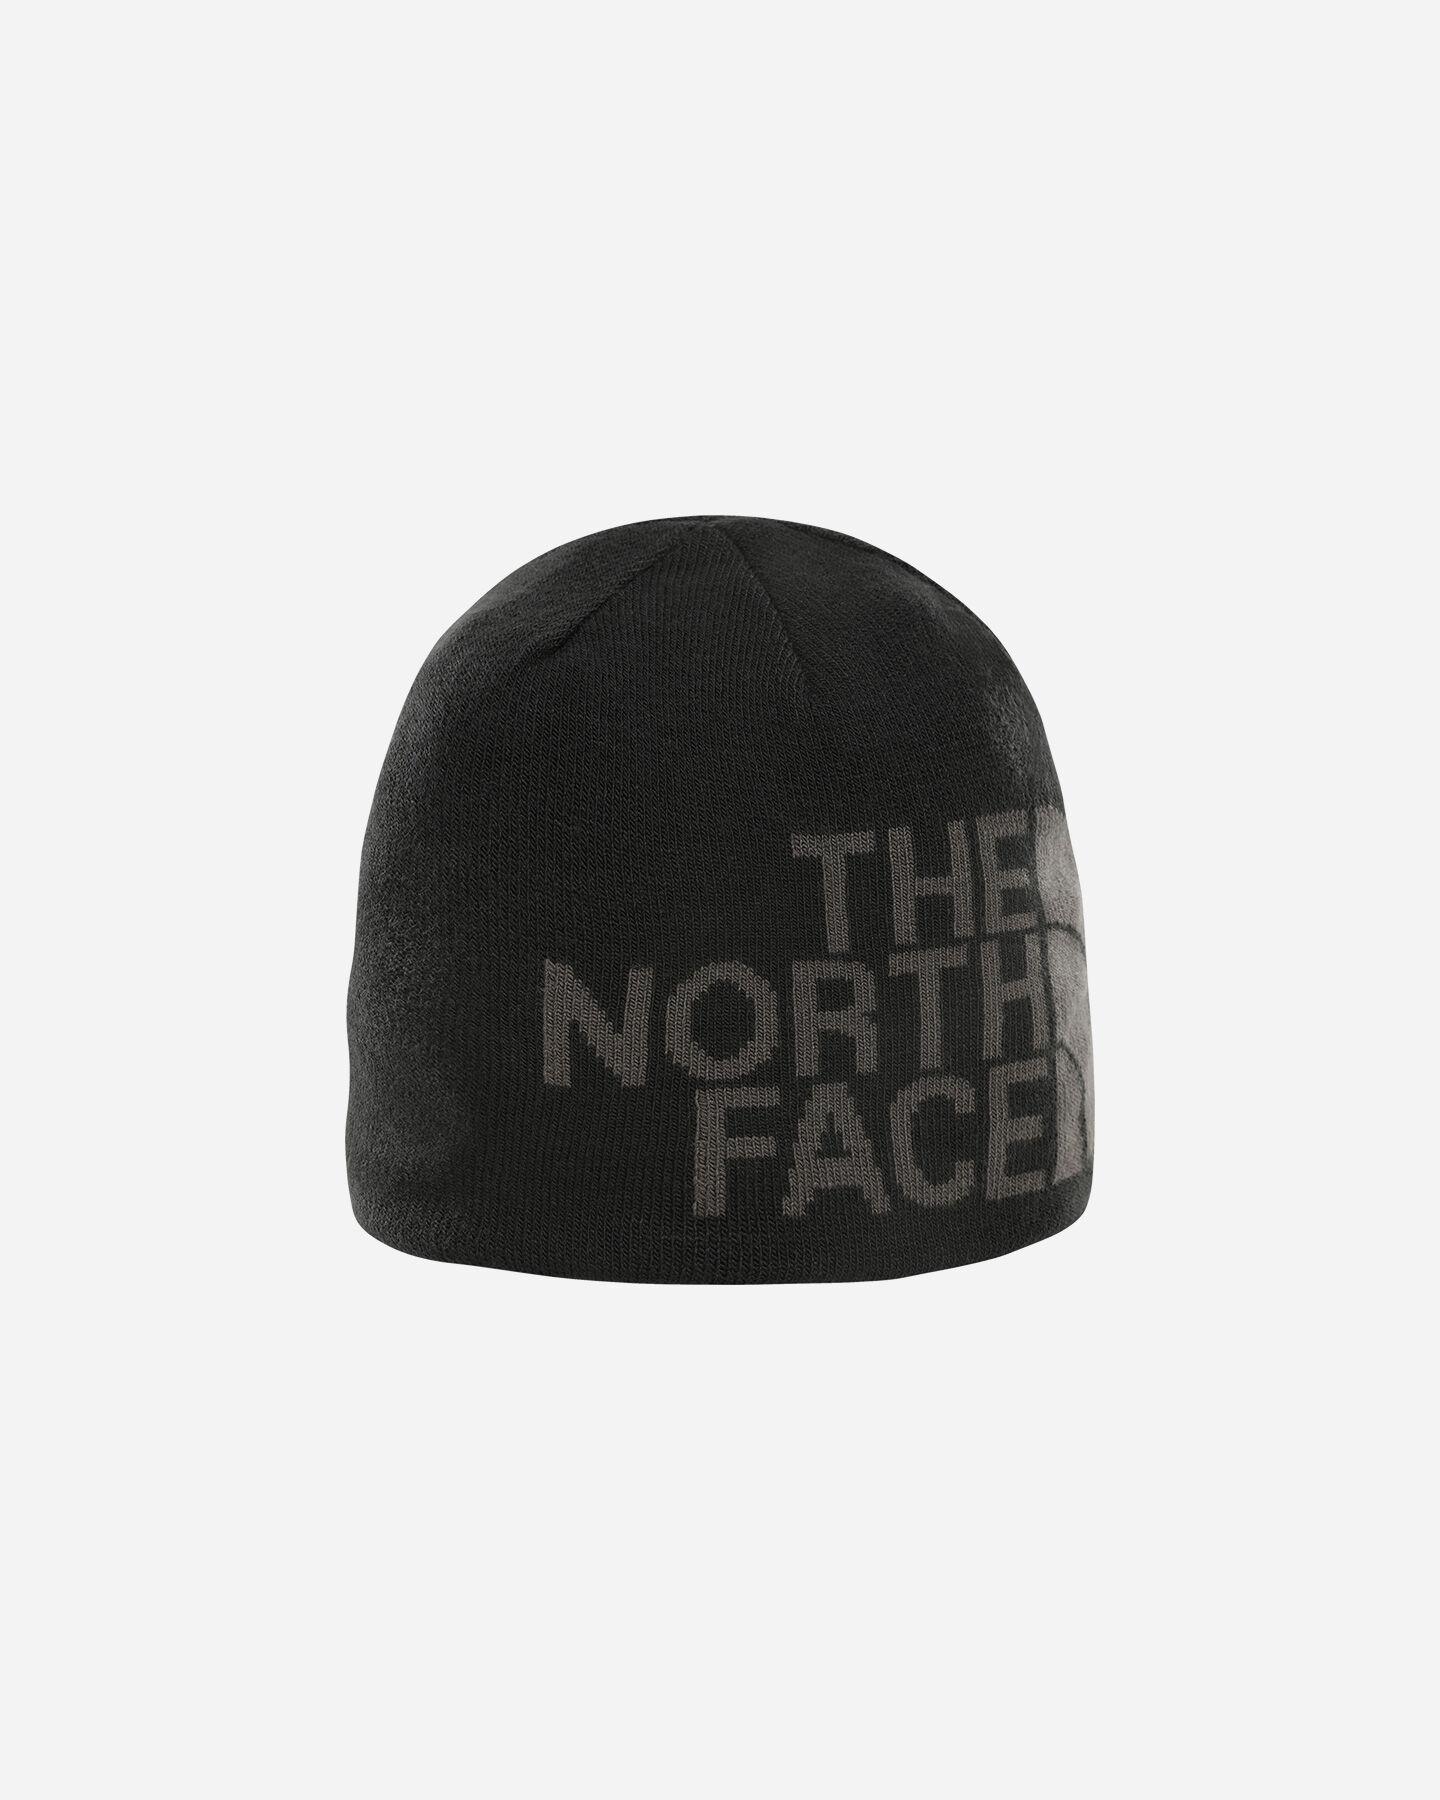 Berretto THE NORTH FACE BANNER DOUBLE-FACE S5123326 scatto 0